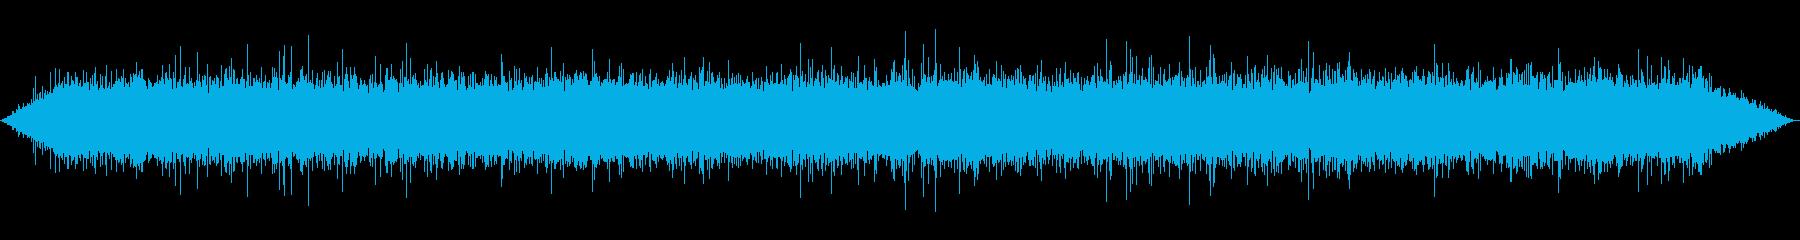 【環境音】 02 水の流れの再生済みの波形